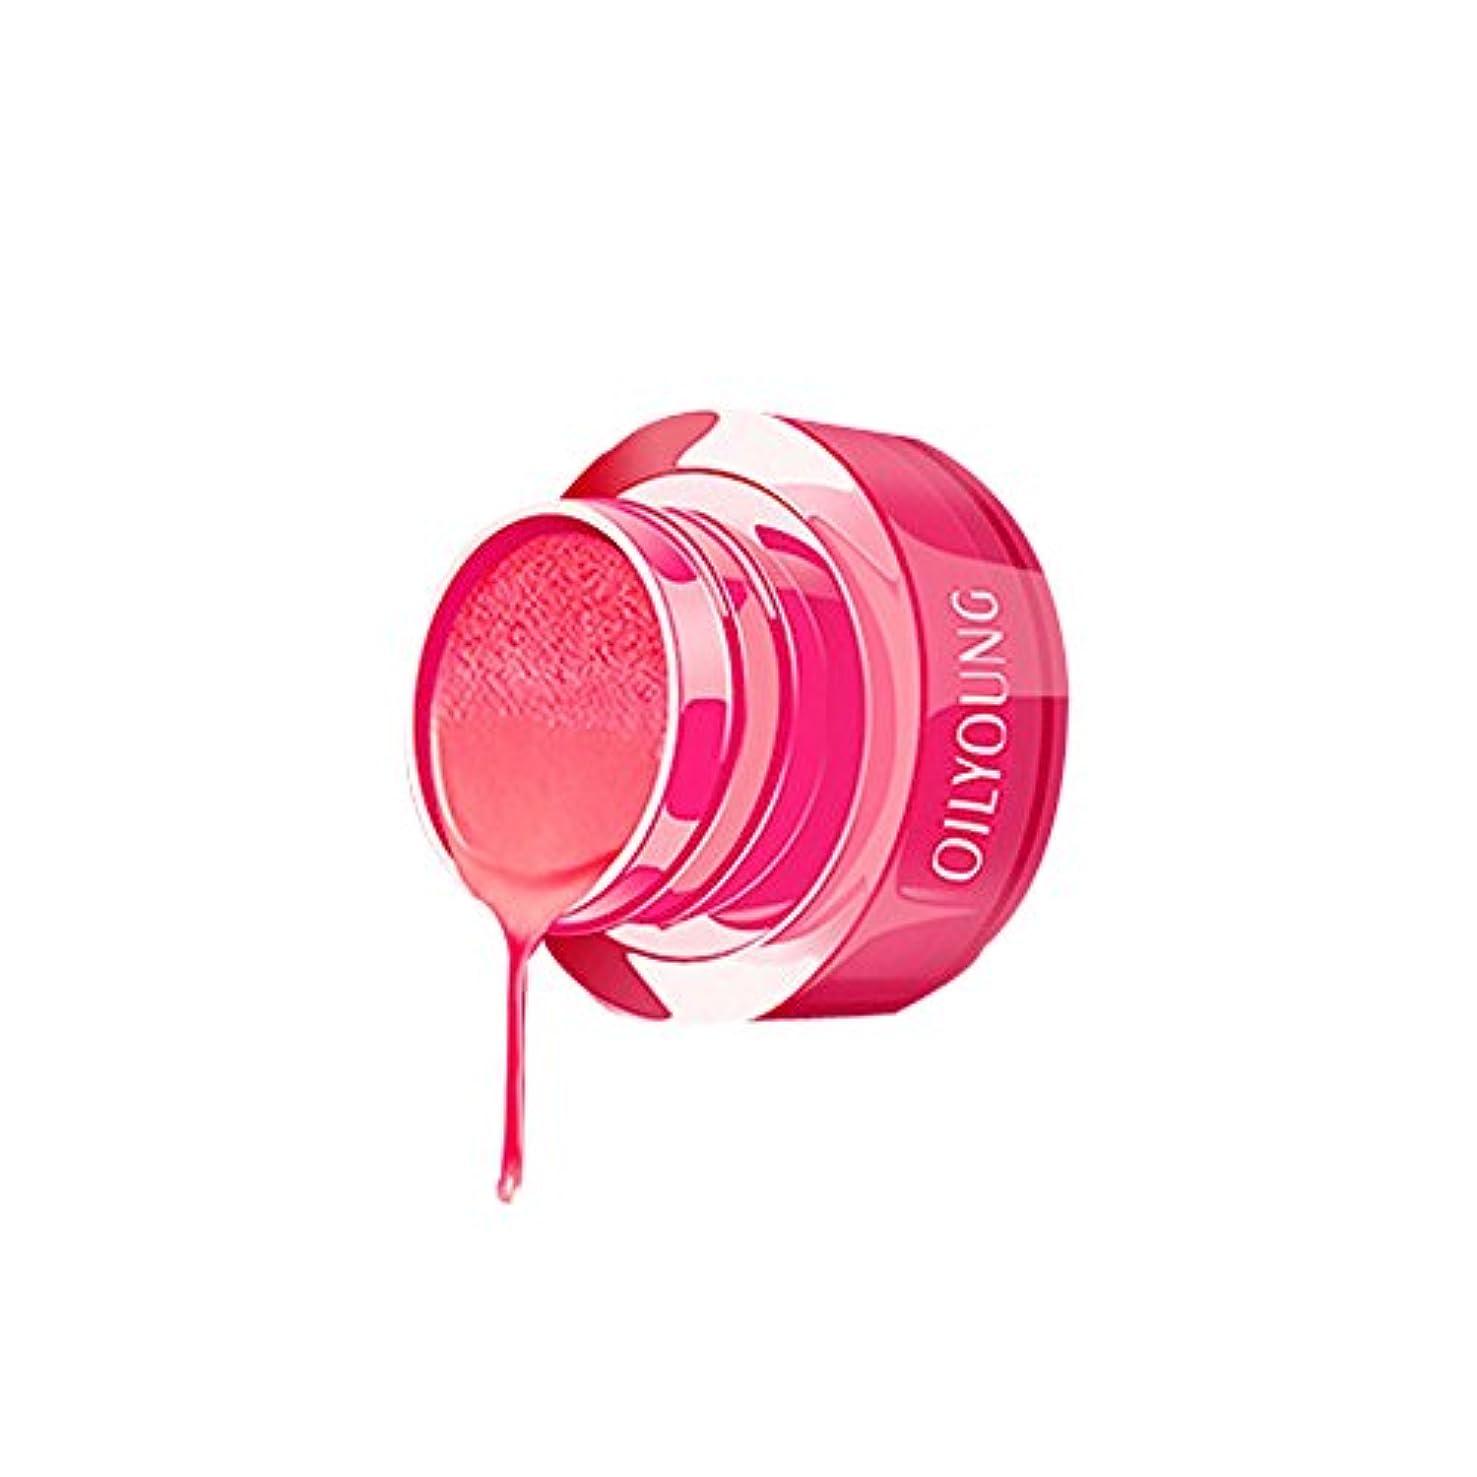 作動する同一の細部リップスティック 3グラム エアクッション口紅 ノーブル リップクリーム グラデーション 保湿 リップバーム リップグロス 化粧品 液体 水和 ツヤツヤな潤い肌の色を見せるルージュhuajuan